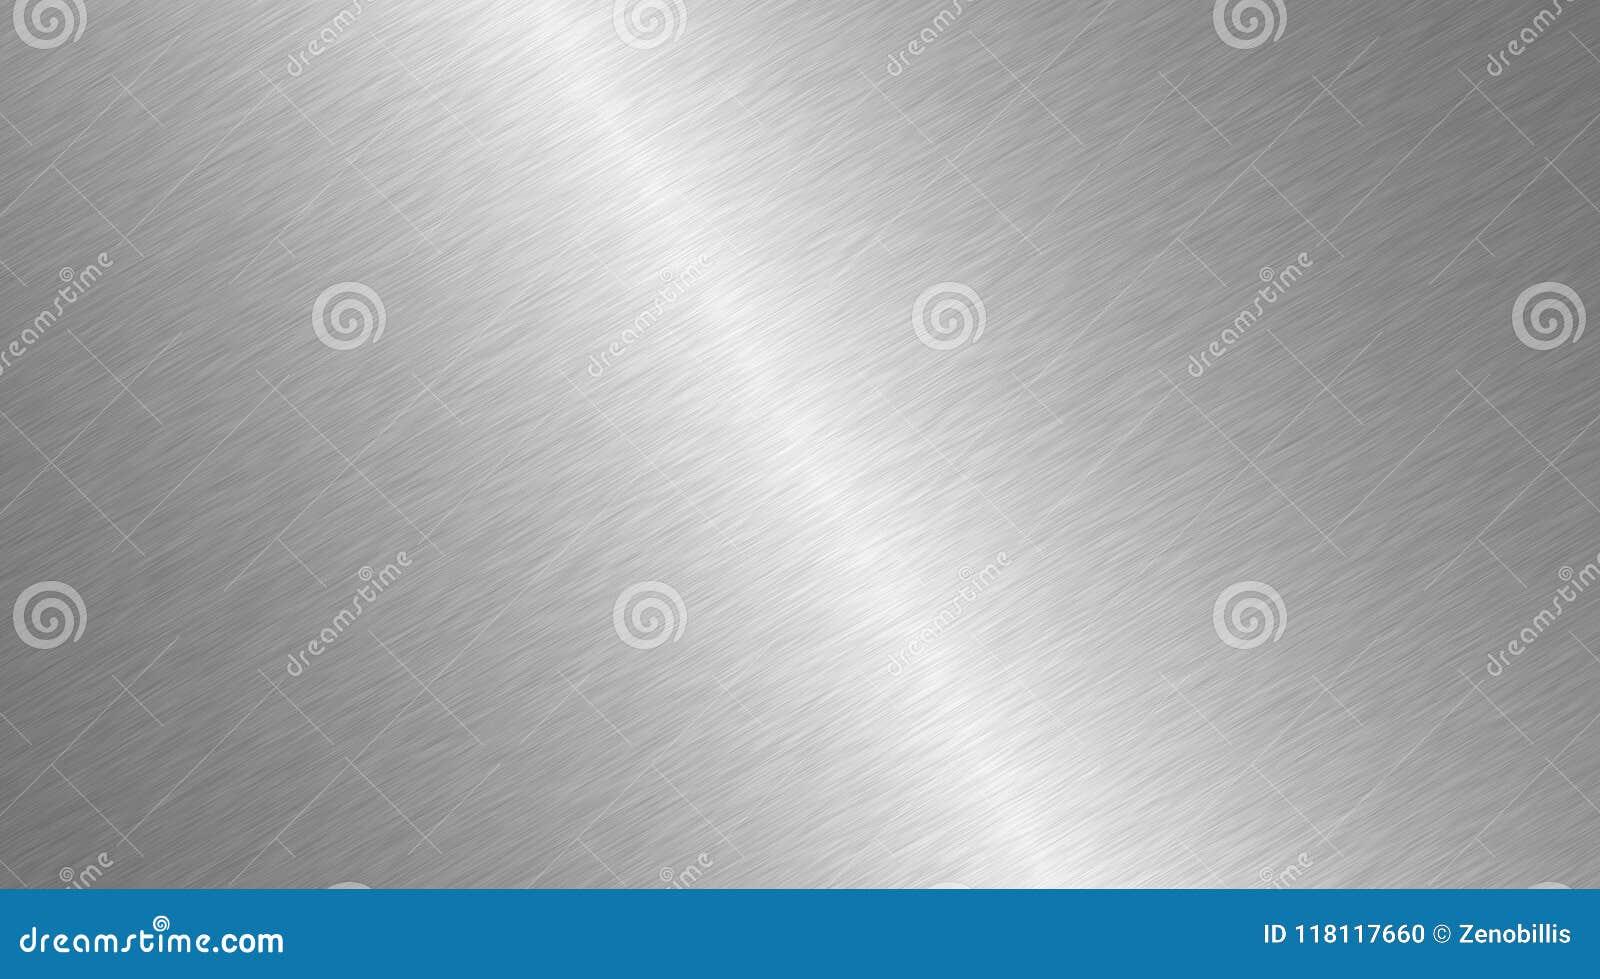 掠过的金属表面 金属辐形纹理  抽象优美的钢背景